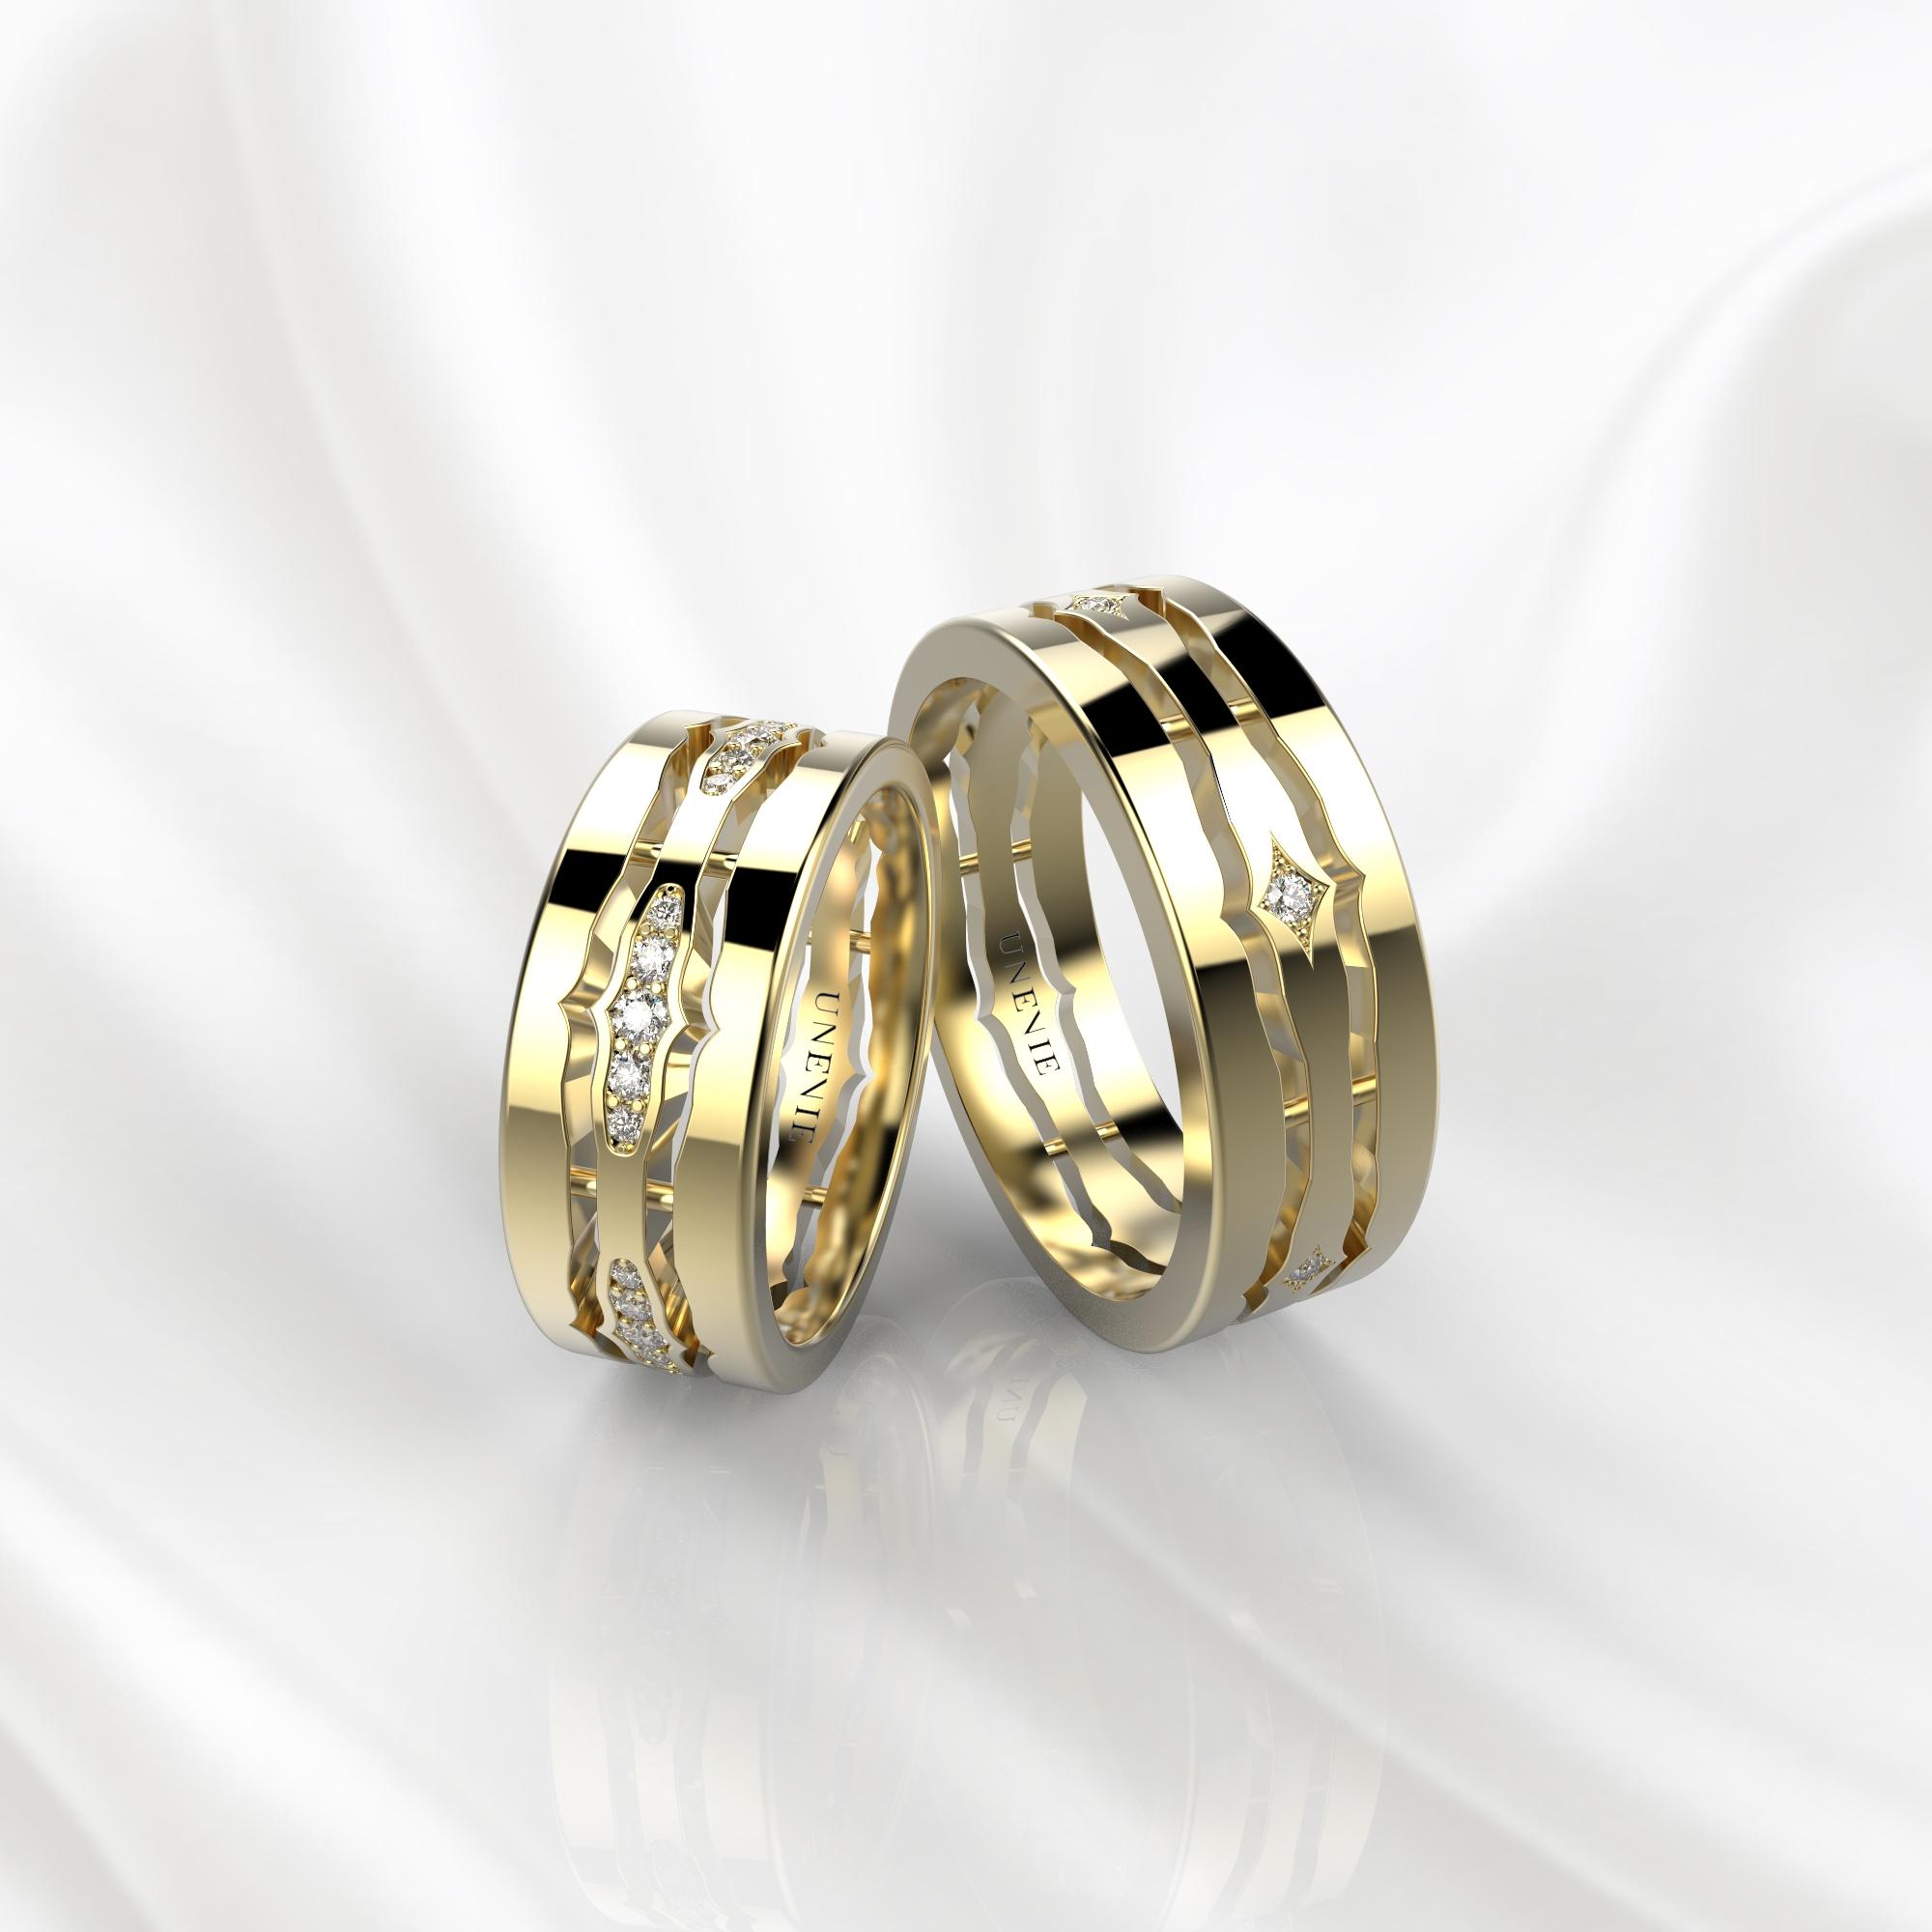 NV48 Парные обручальные кольца из желтого золота с бриллиантами